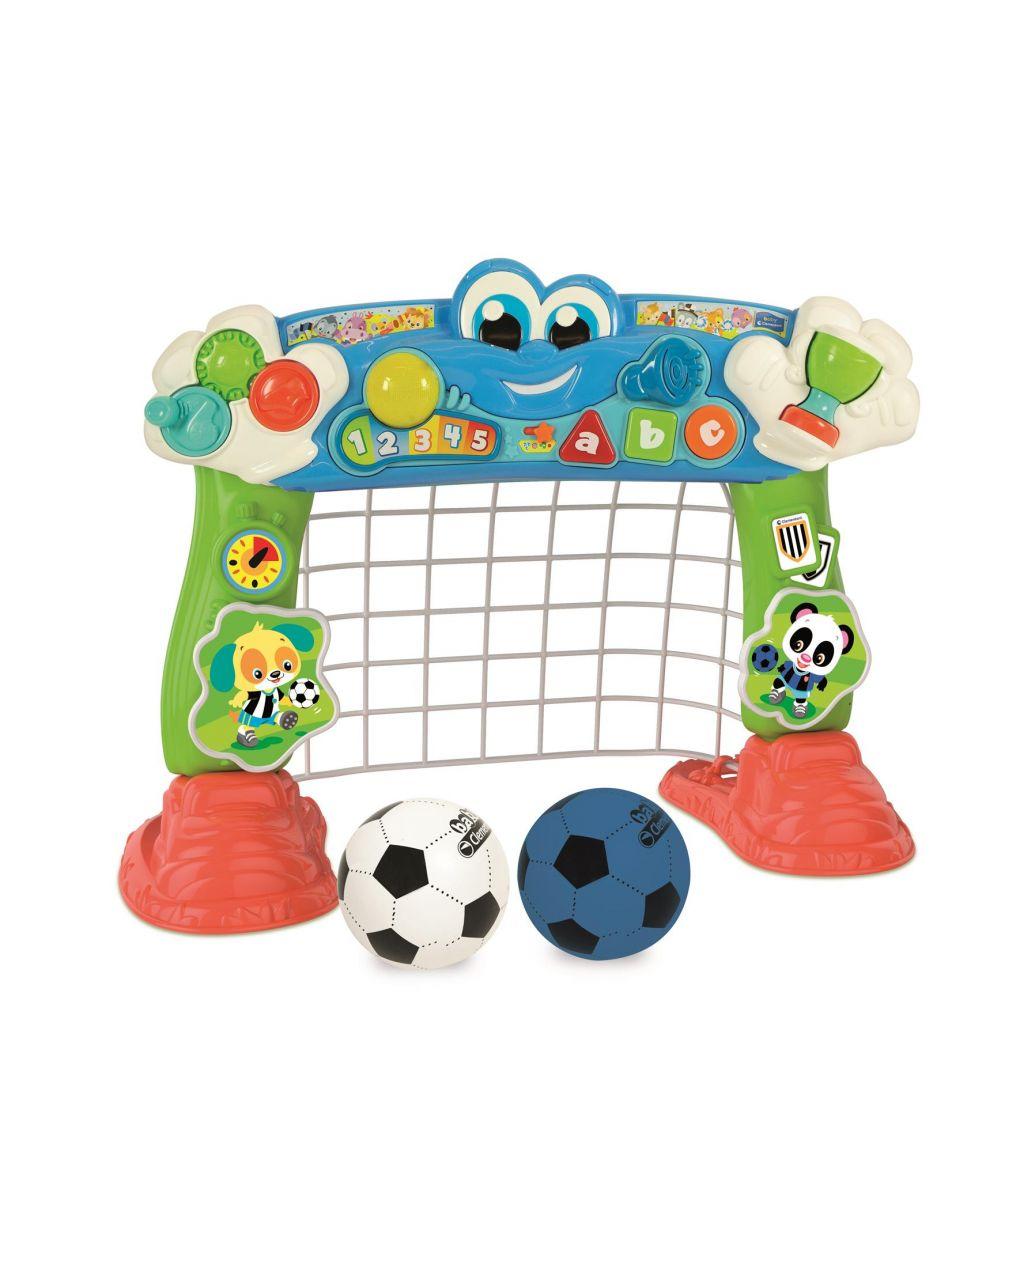 Baby clementoni - tira e segna tanti goal! - Clementoni